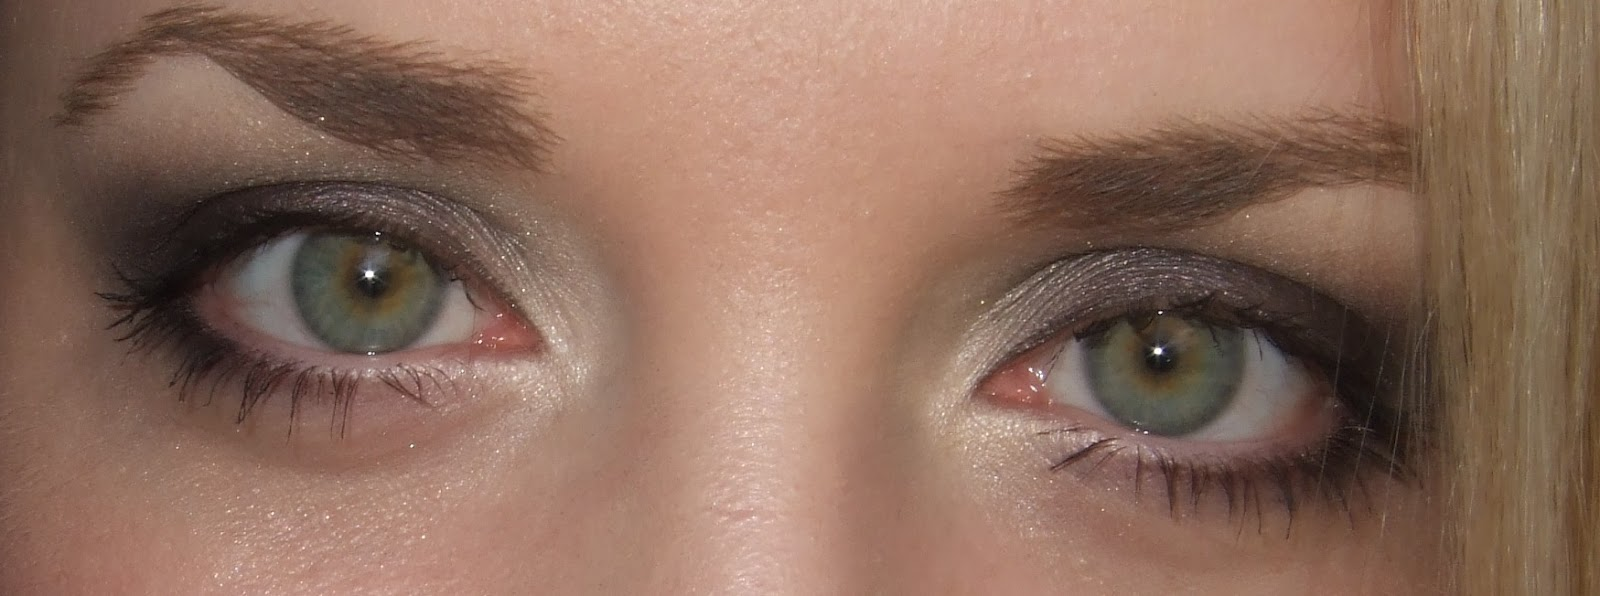 Daily Make Up Mac Unflappable Für Grüne Augen